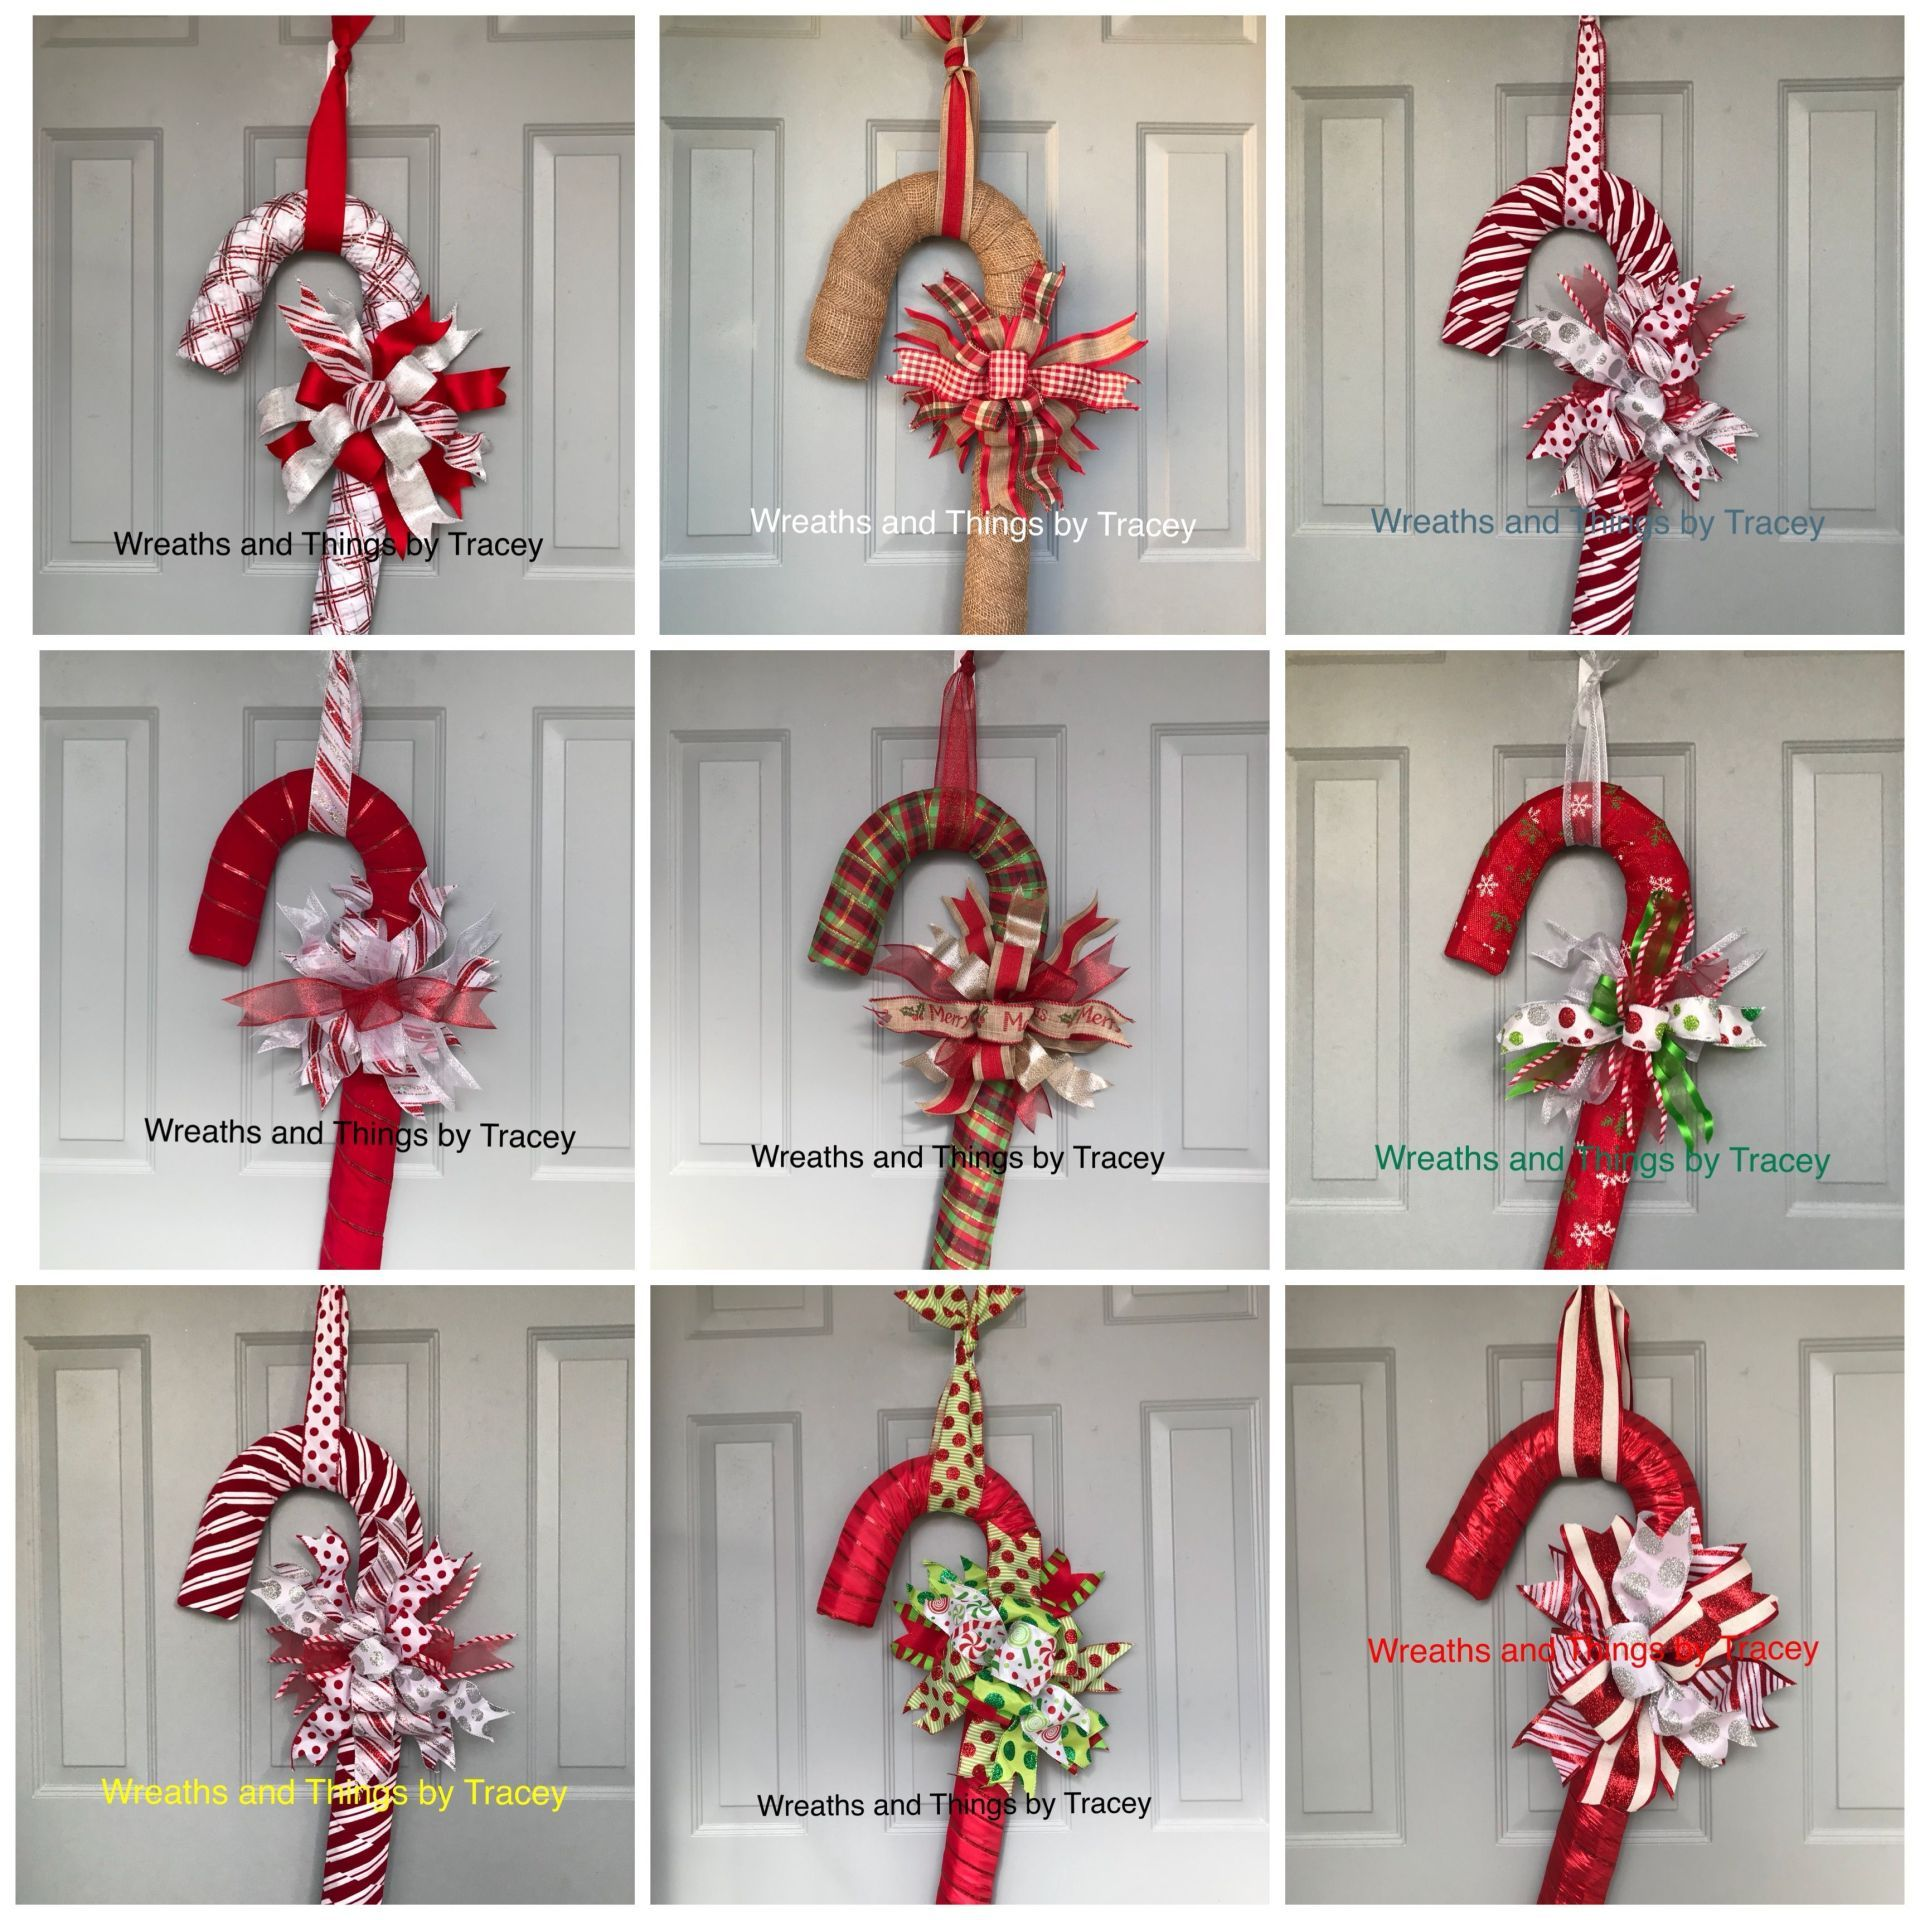 Photo of decorazioni natalizie nastro dt bastoncini di zucchero ghirlande e cose di tracey | piqlet.us